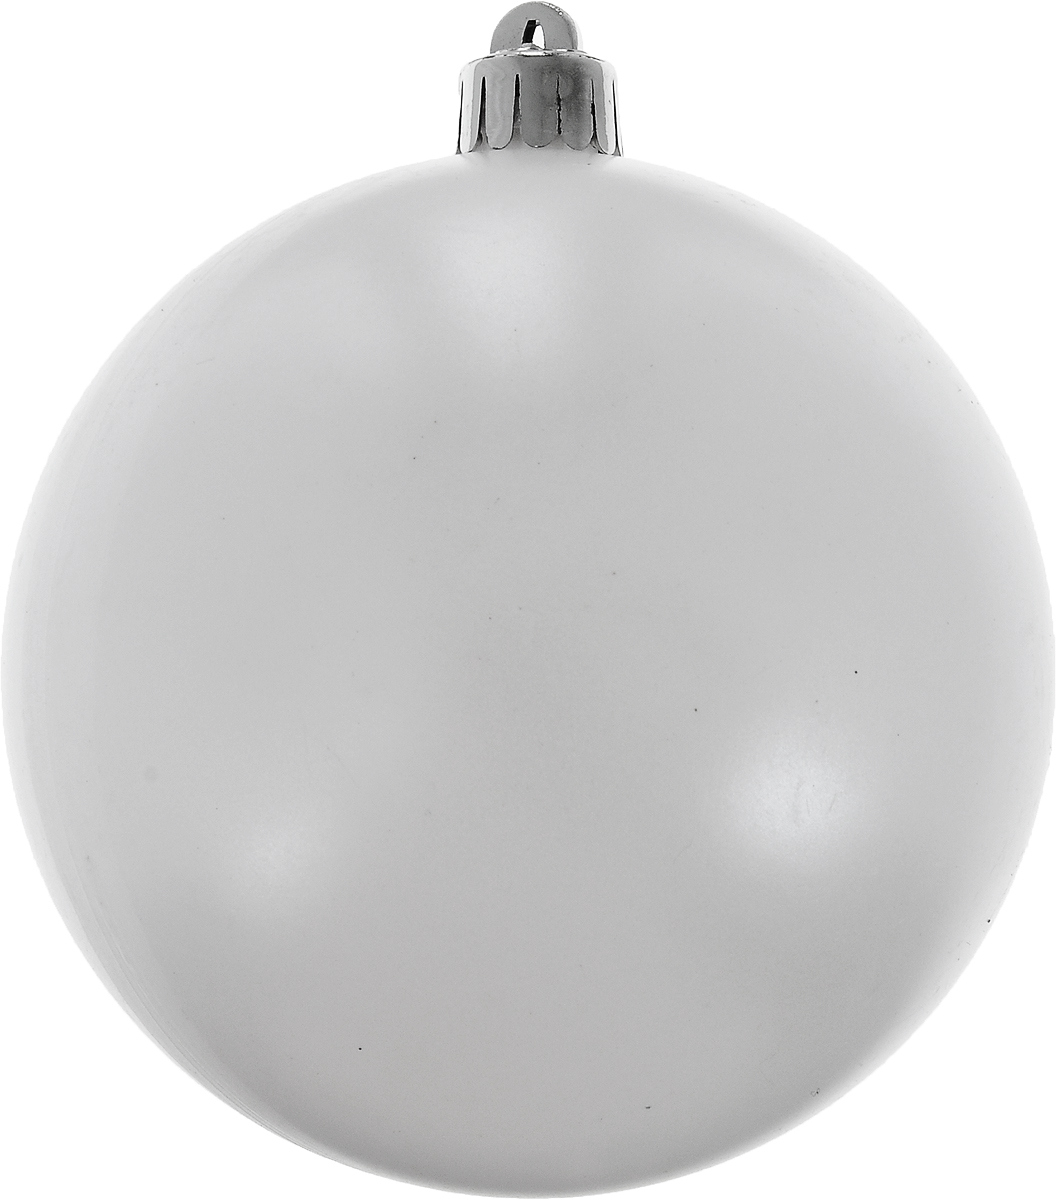 Украшение новогоднее подвесное Winter Wings Шар. Белый жемчуг, диаметр 10 смN069814Новогоднее подвесное украшение Winter Wings Шар. Белый жемчуг выполнено из пластика в виде шара. С помощью специальной петельки украшение можно повесить в любом понравившемся вам месте. Но, конечно, удачнее всего оно будет смотреться на праздничной елке.Елочная игрушка - символ Нового года. Она несет в себе волшебство и красоту праздника. Создайте в своем доме атмосферу веселья и радости, украшая новогоднюю елку нарядными игрушками, которые будут из года в год накапливать теплоту воспоминаний.